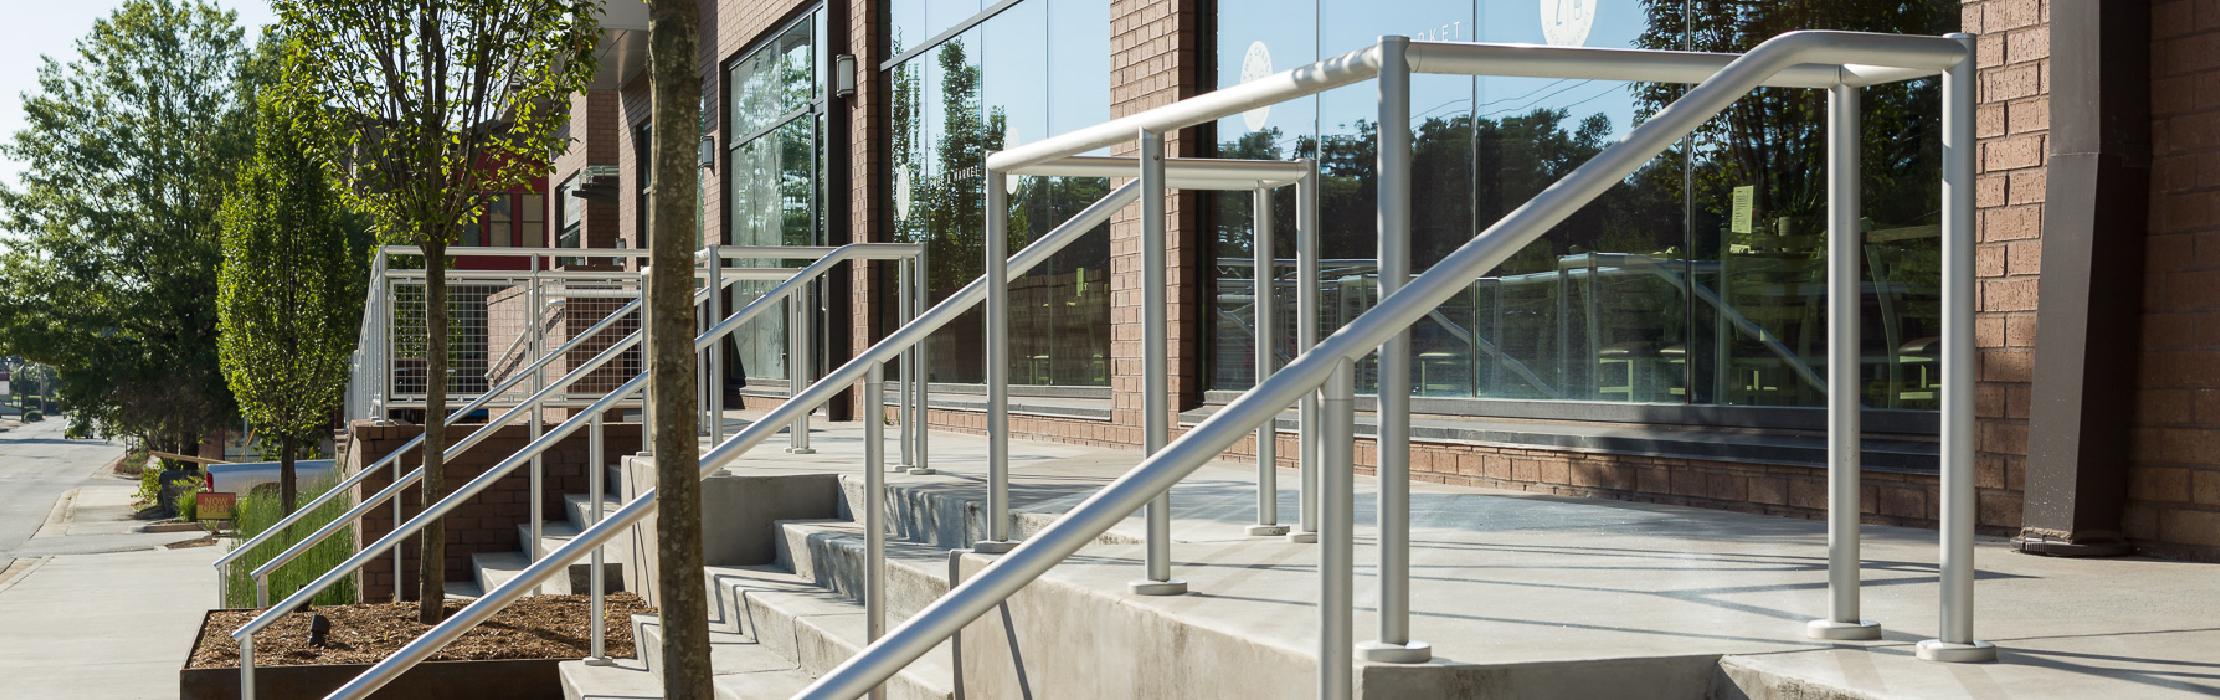 Hollaender Interna Rail - Aluminum Handrail System